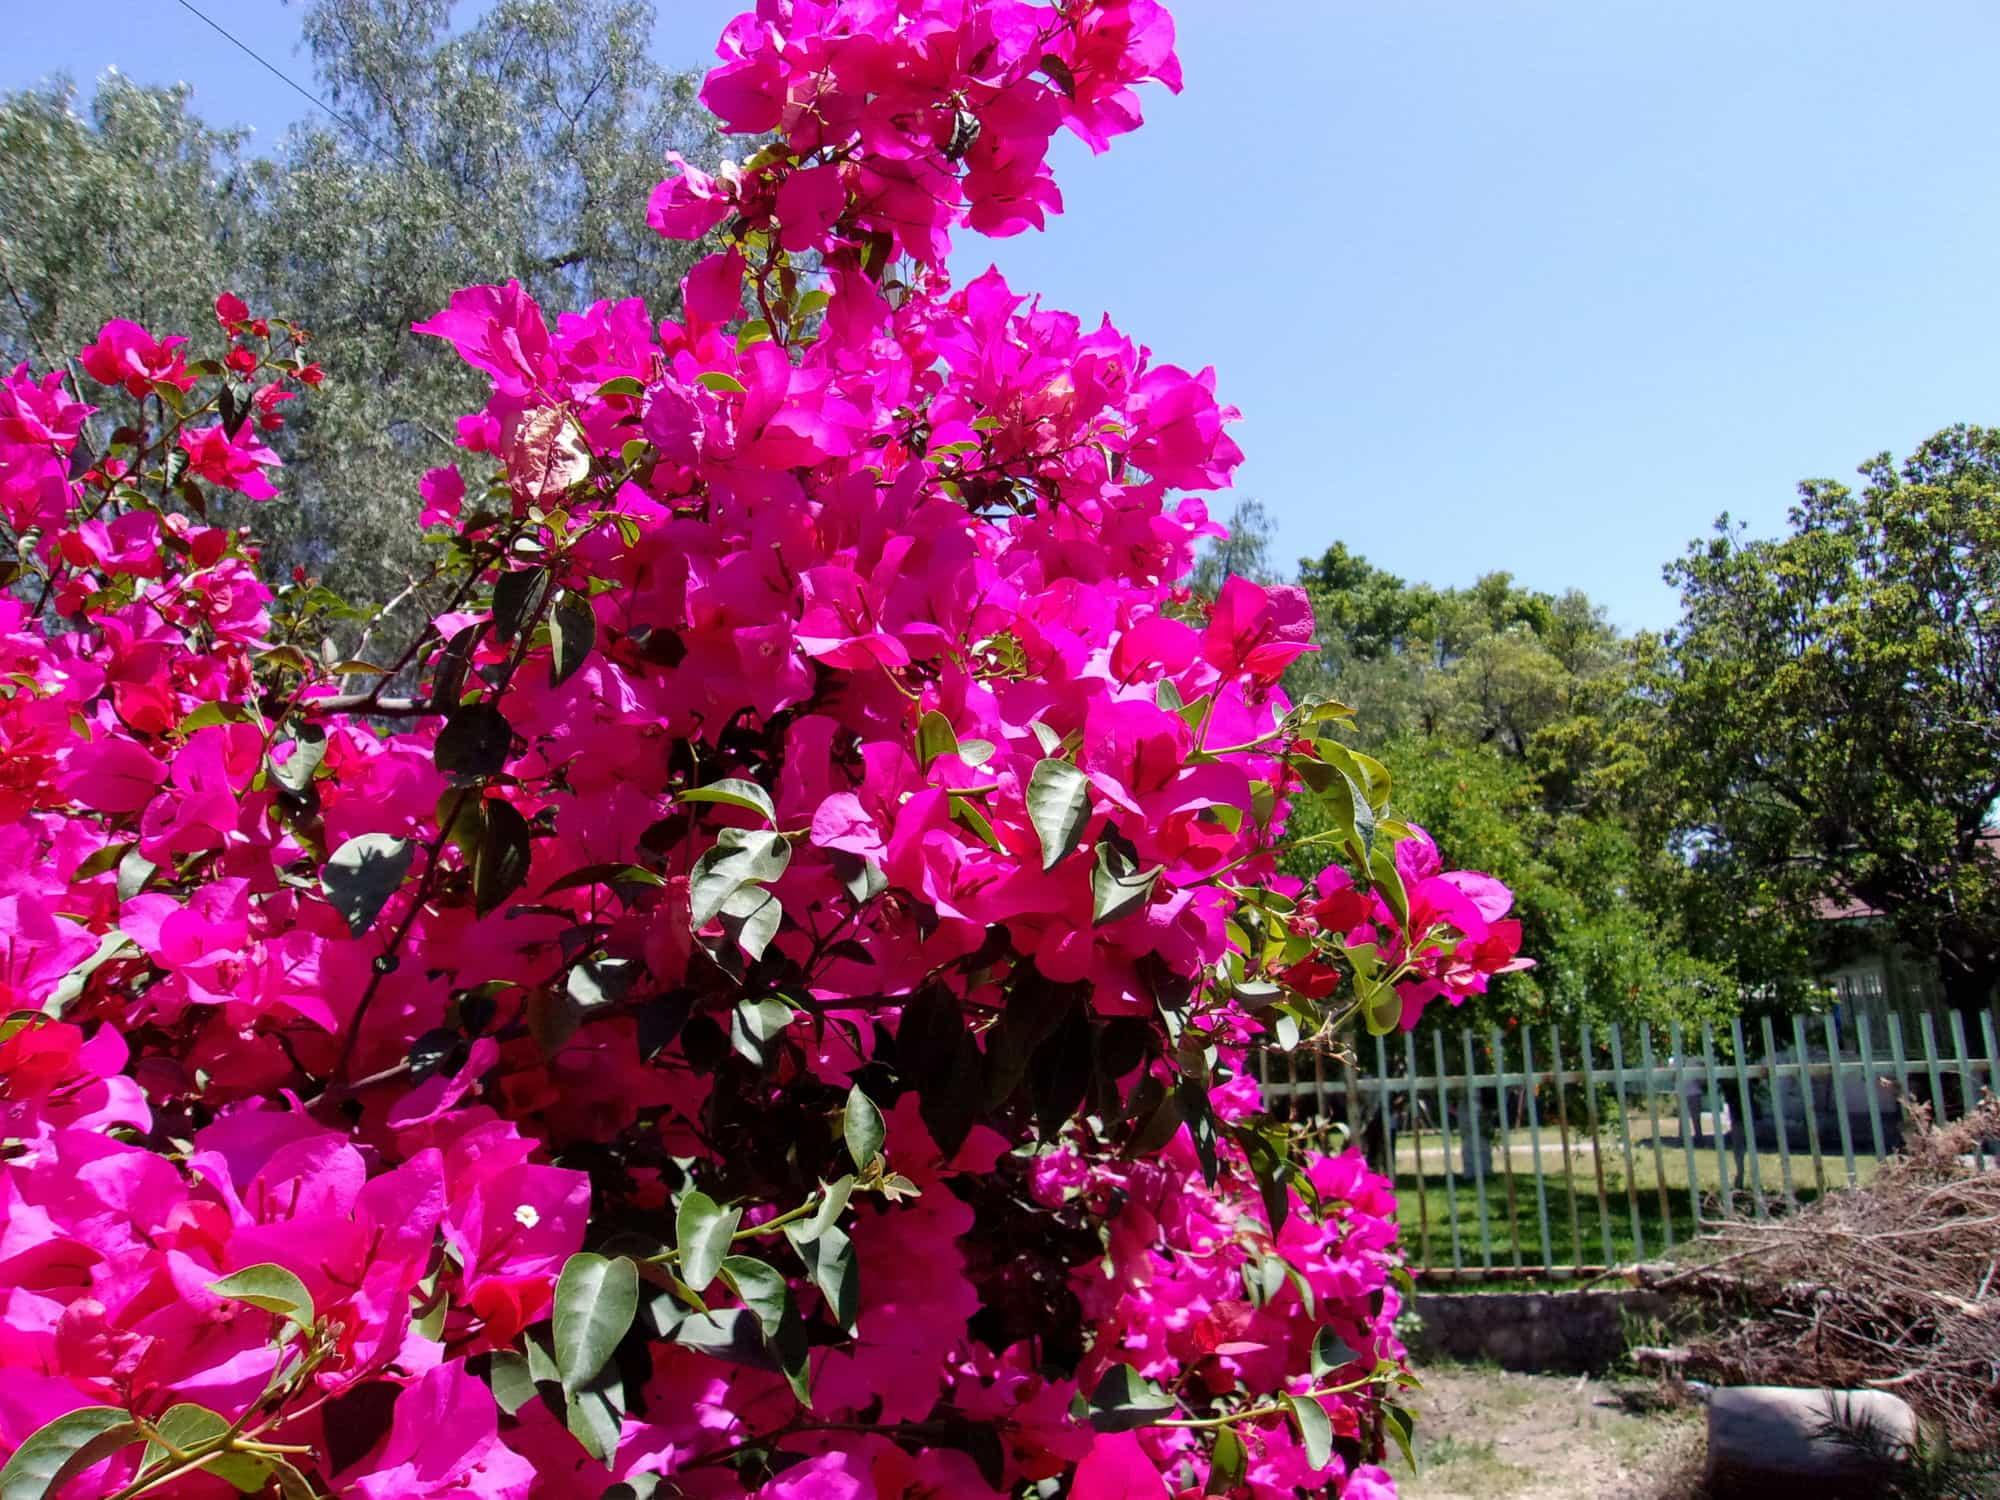 Flores en el jardín de la escuela. Por Emily